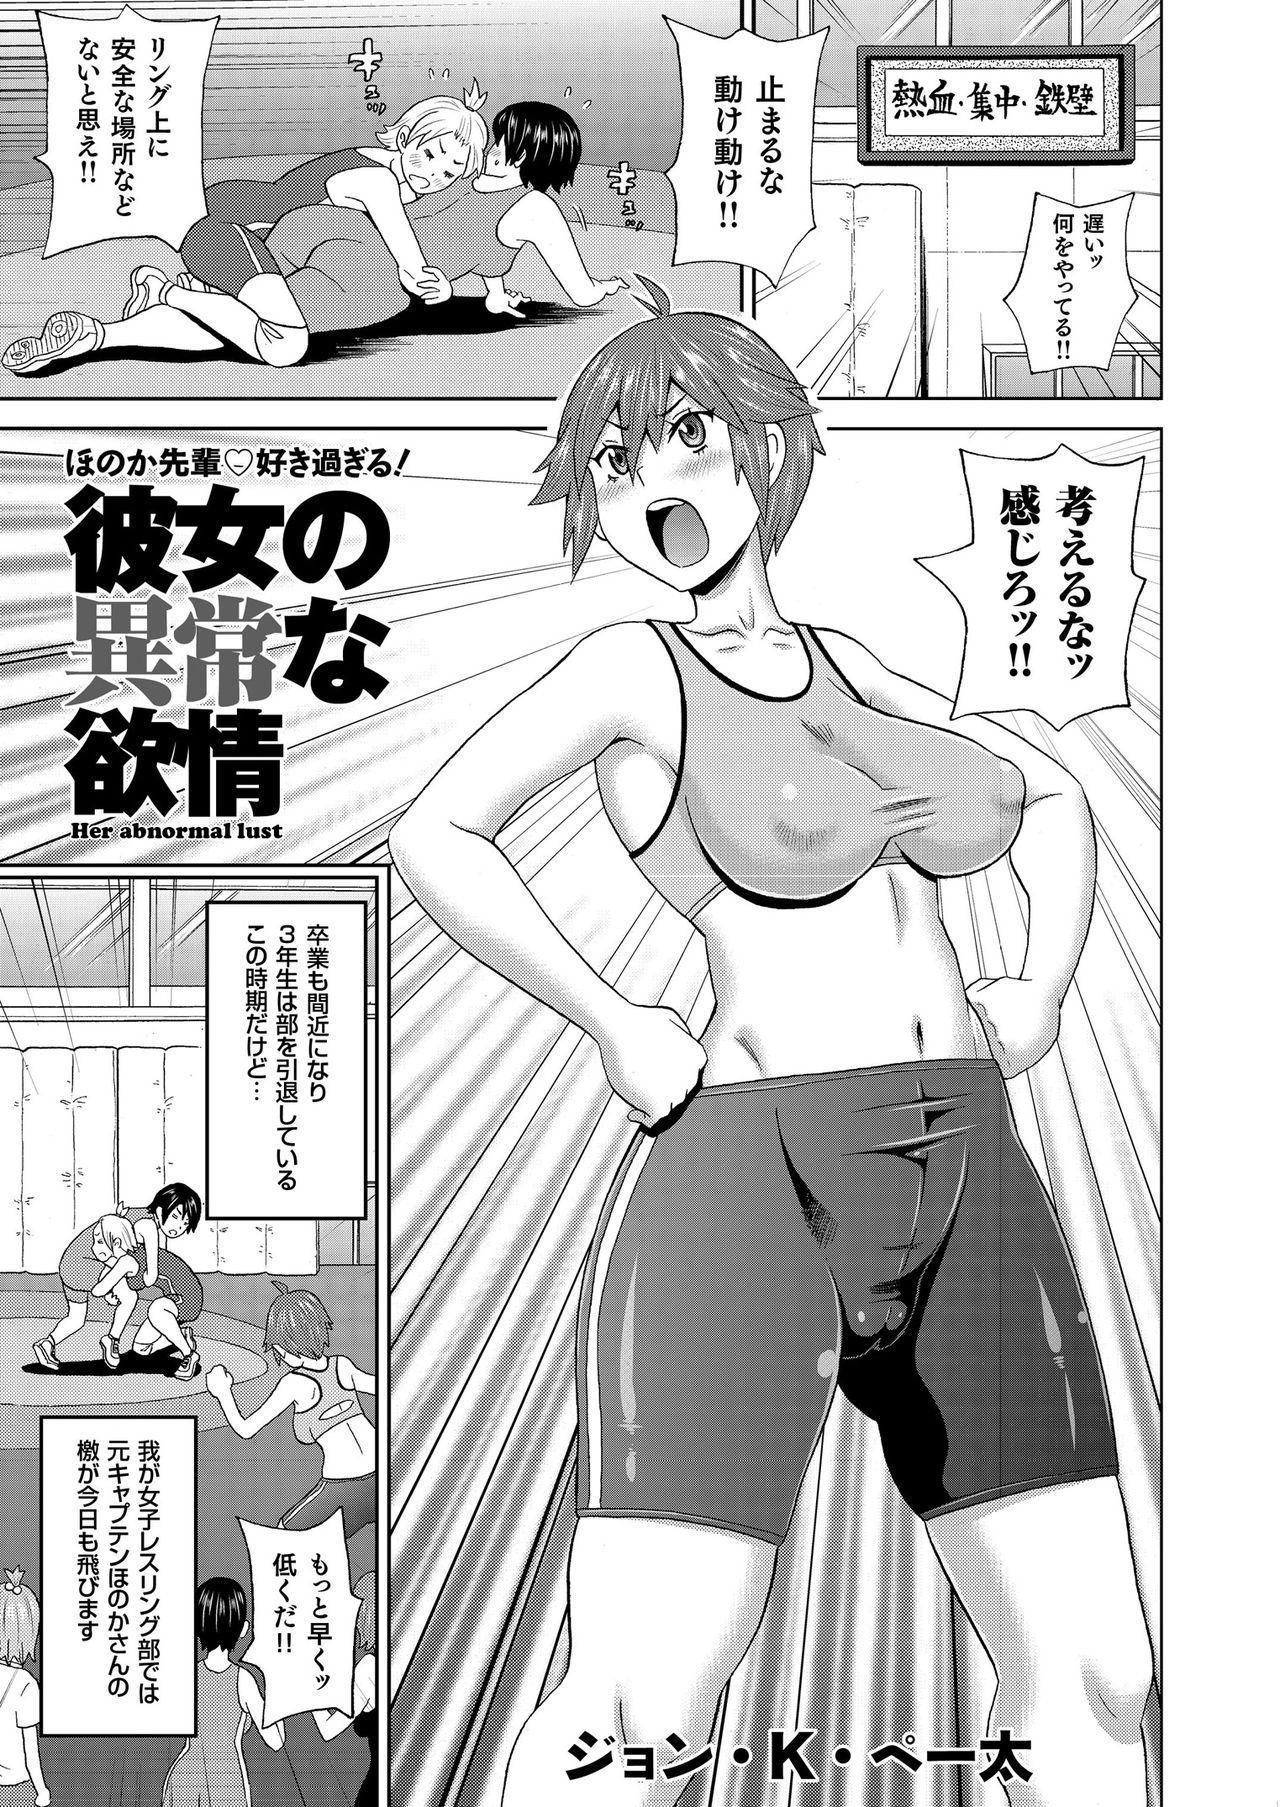 COMIC KURiBERON 2018-06 Vol. 68 60